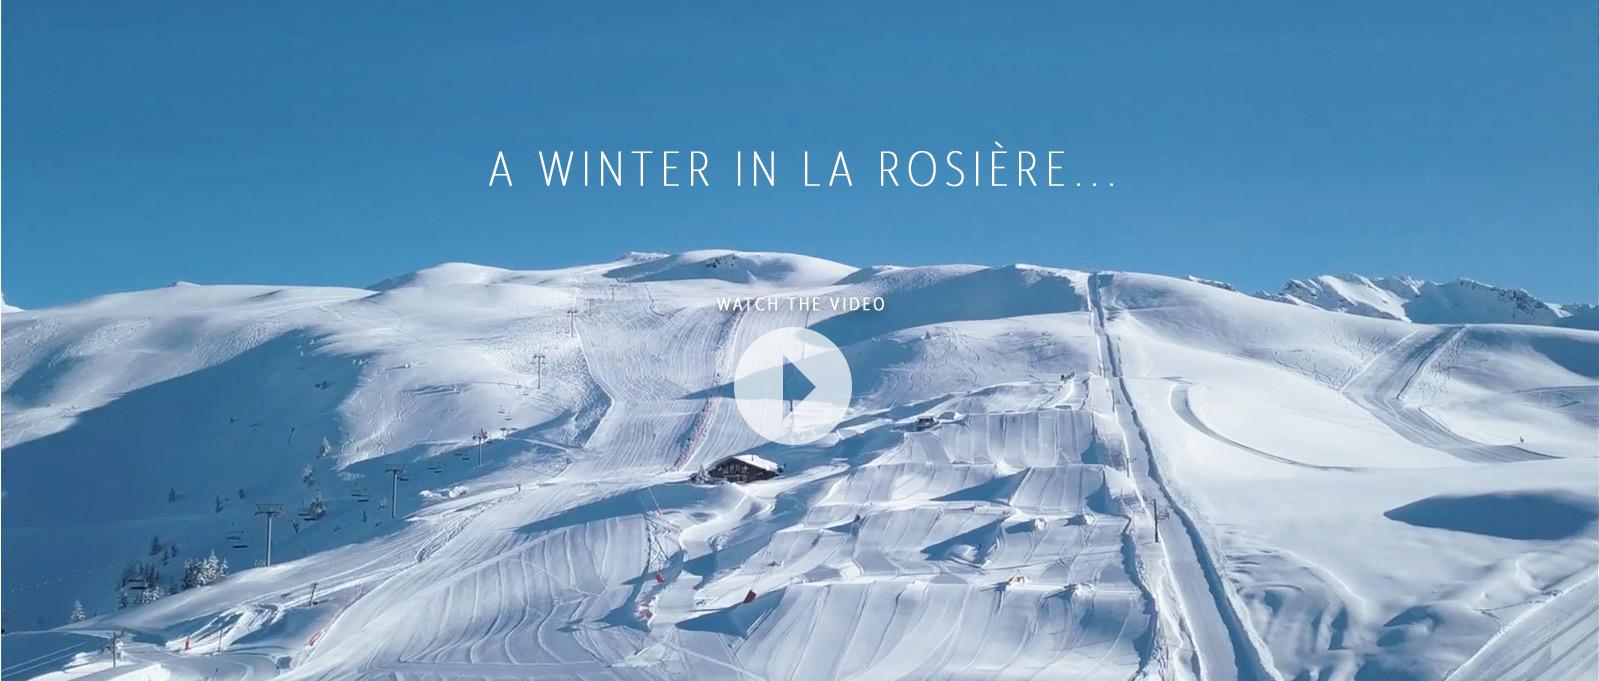 La Rosière Video